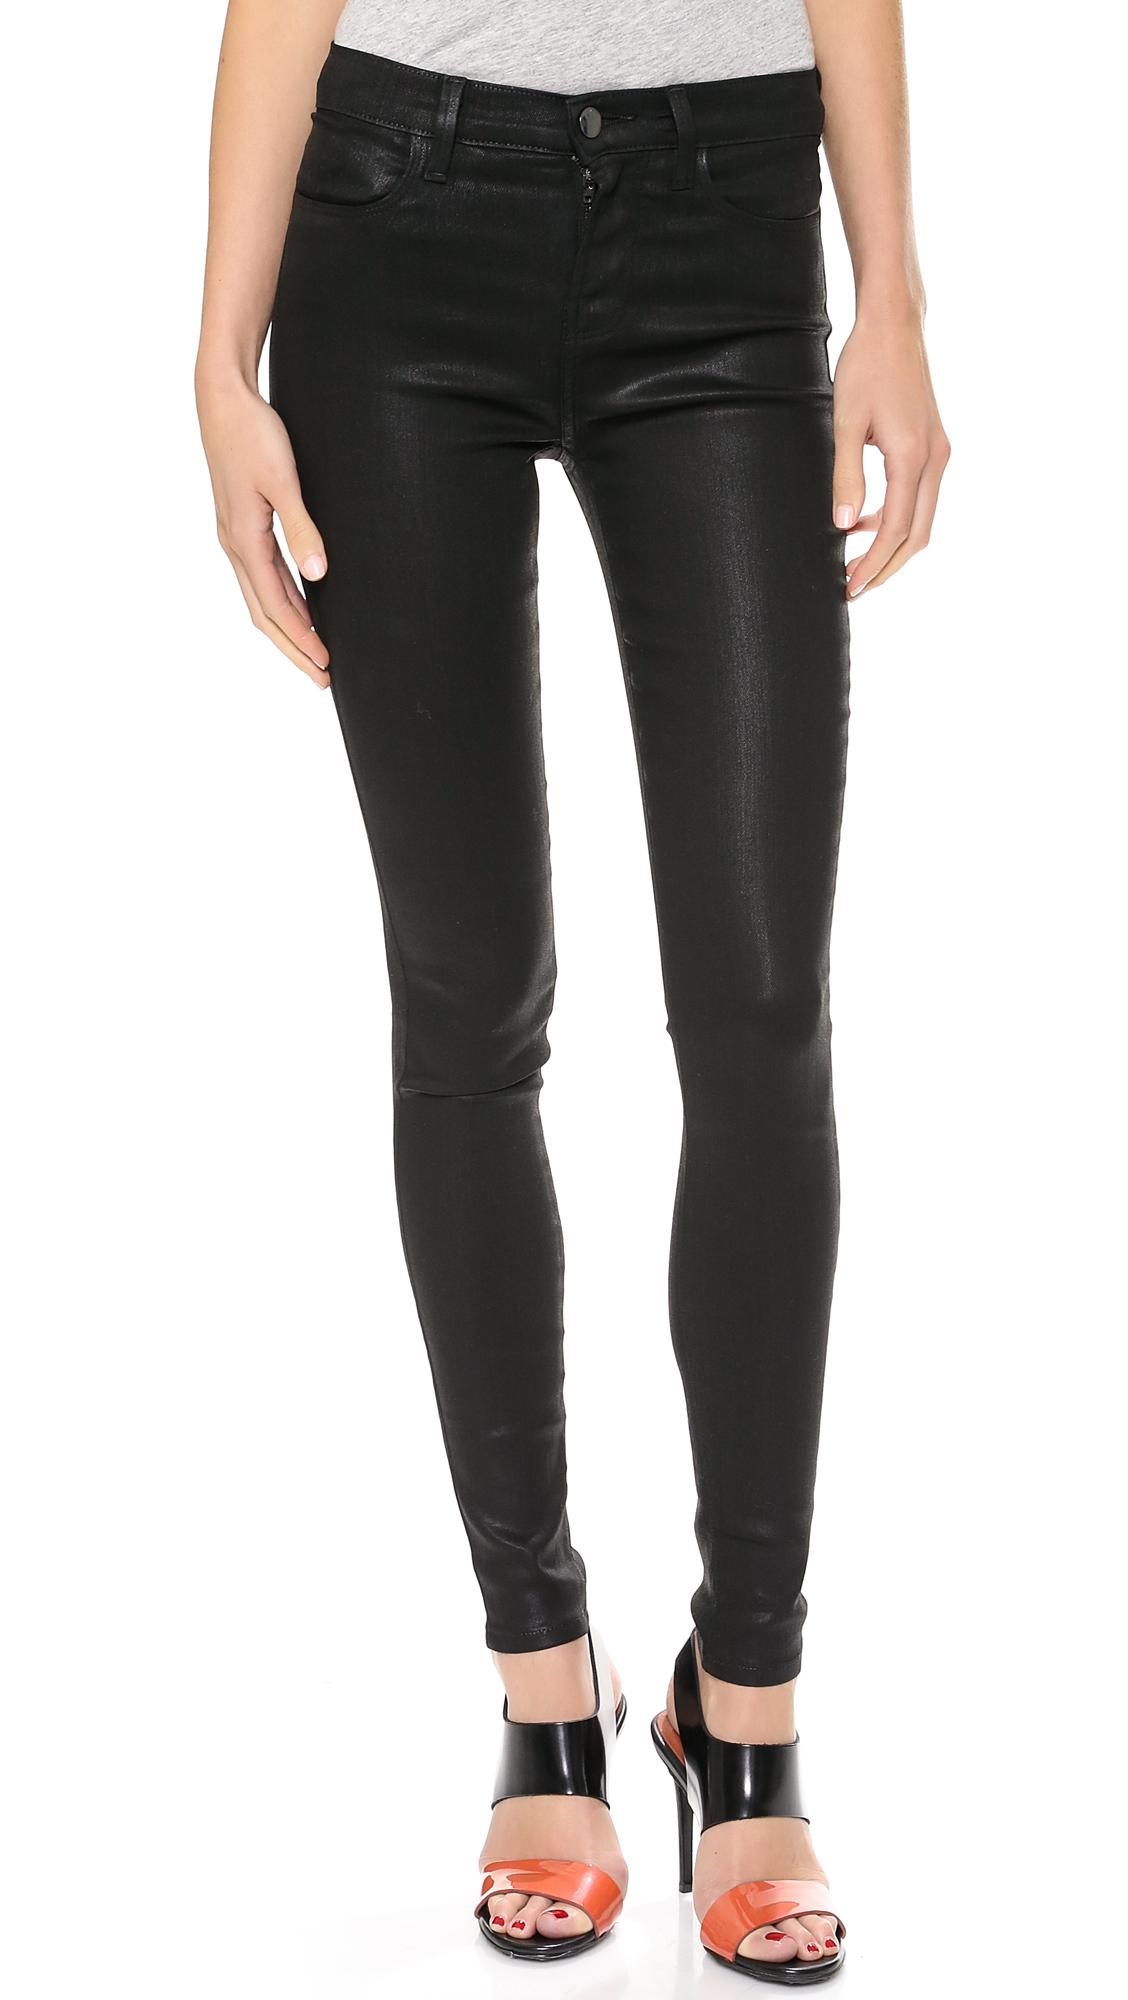 Alana Taille Haute Jean Enduit Marque J lIlHgYwgM